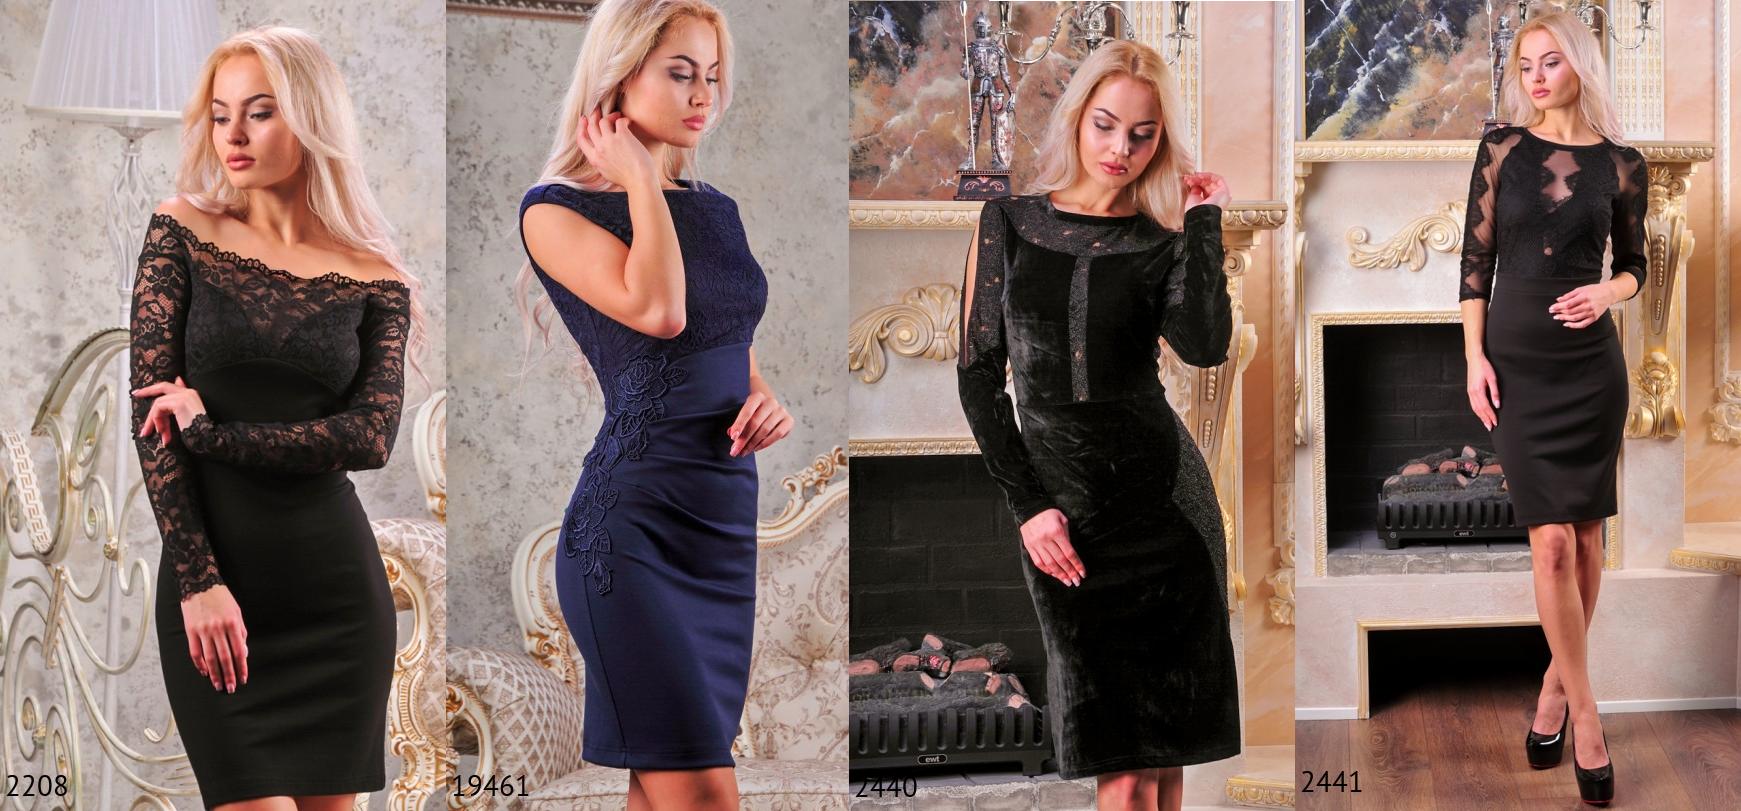 [b]  Сбор заказов. Женская одежда V@V - новая праздничная коллекция 2016/2017, а также модели из предыдущих коллекций. Выкуп 31. Без рядов. [/b]